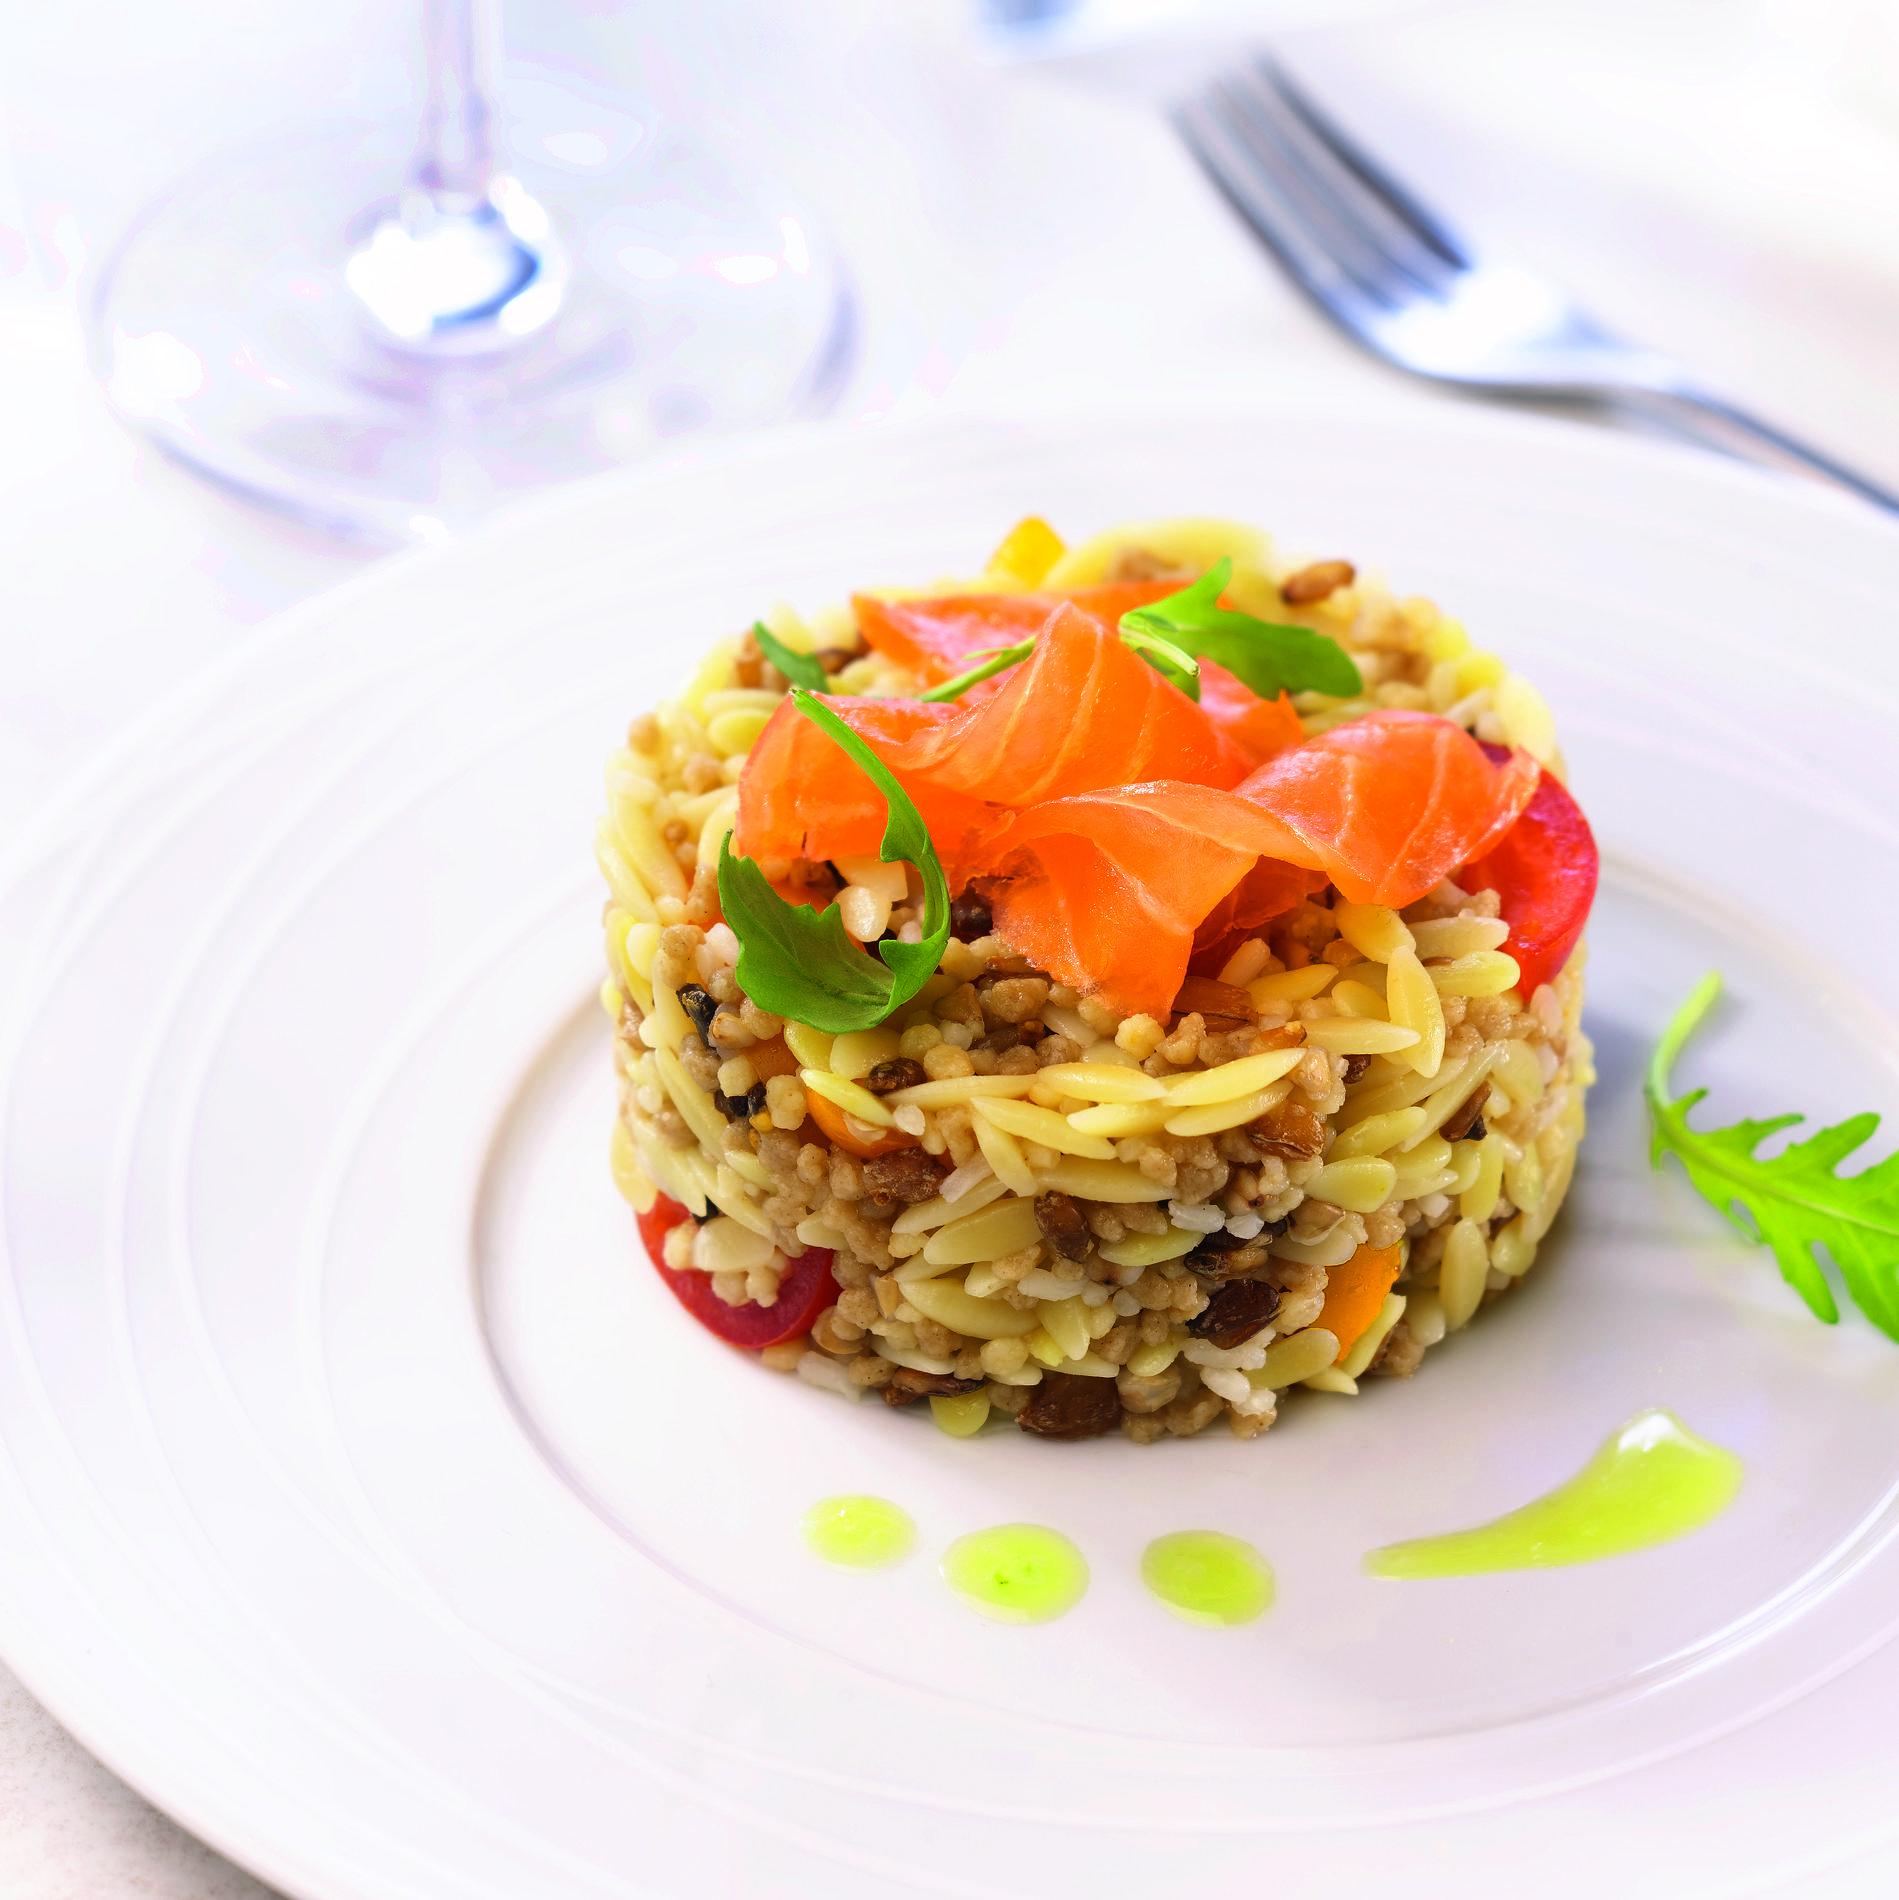 recette salade fraicheur de c r ales de campagne au saumon cuisine madame figaro. Black Bedroom Furniture Sets. Home Design Ideas